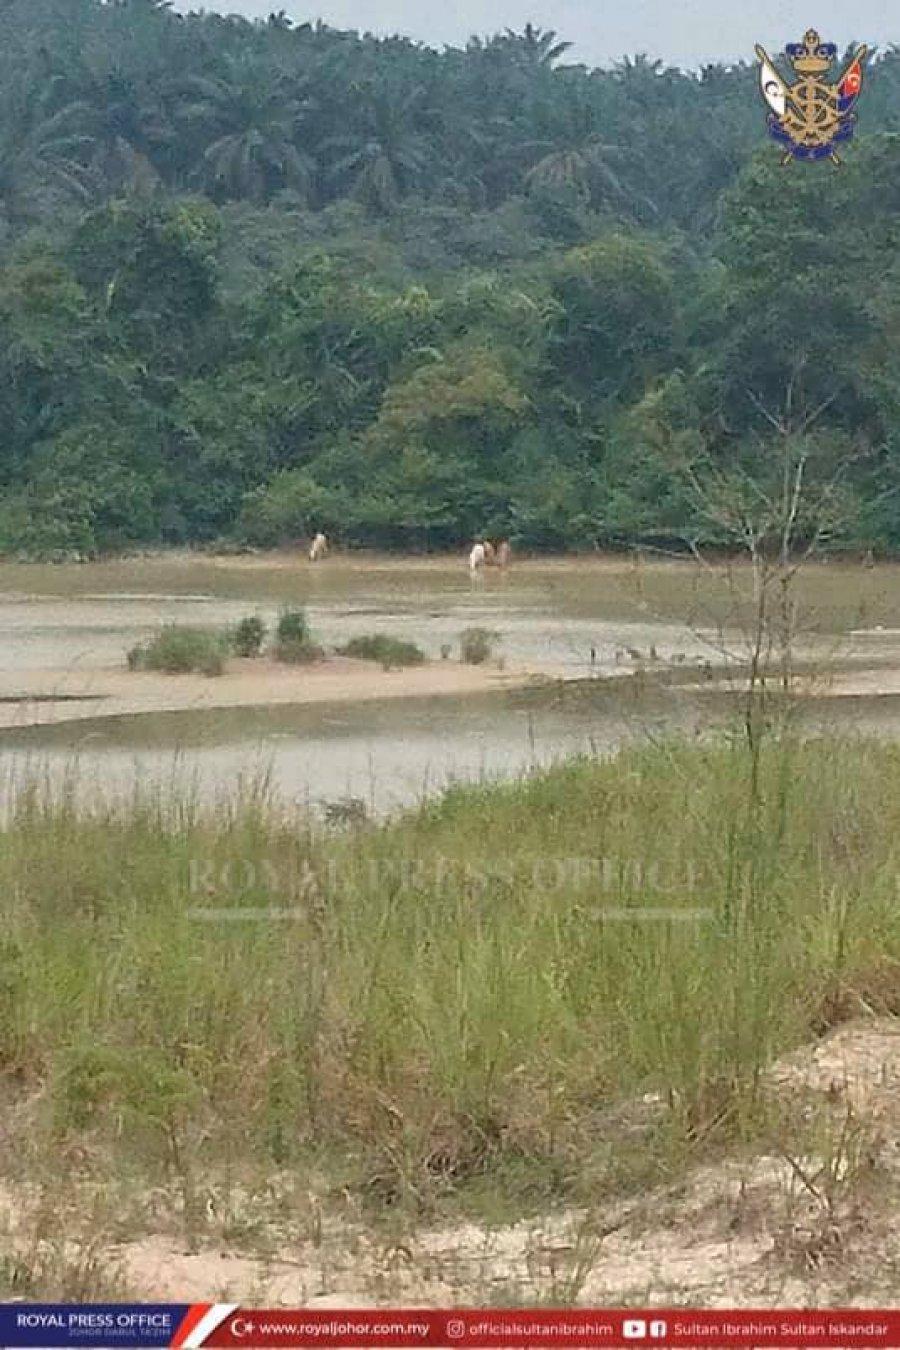 柔苏丹谕令加强执法 打击非法猎杀活动